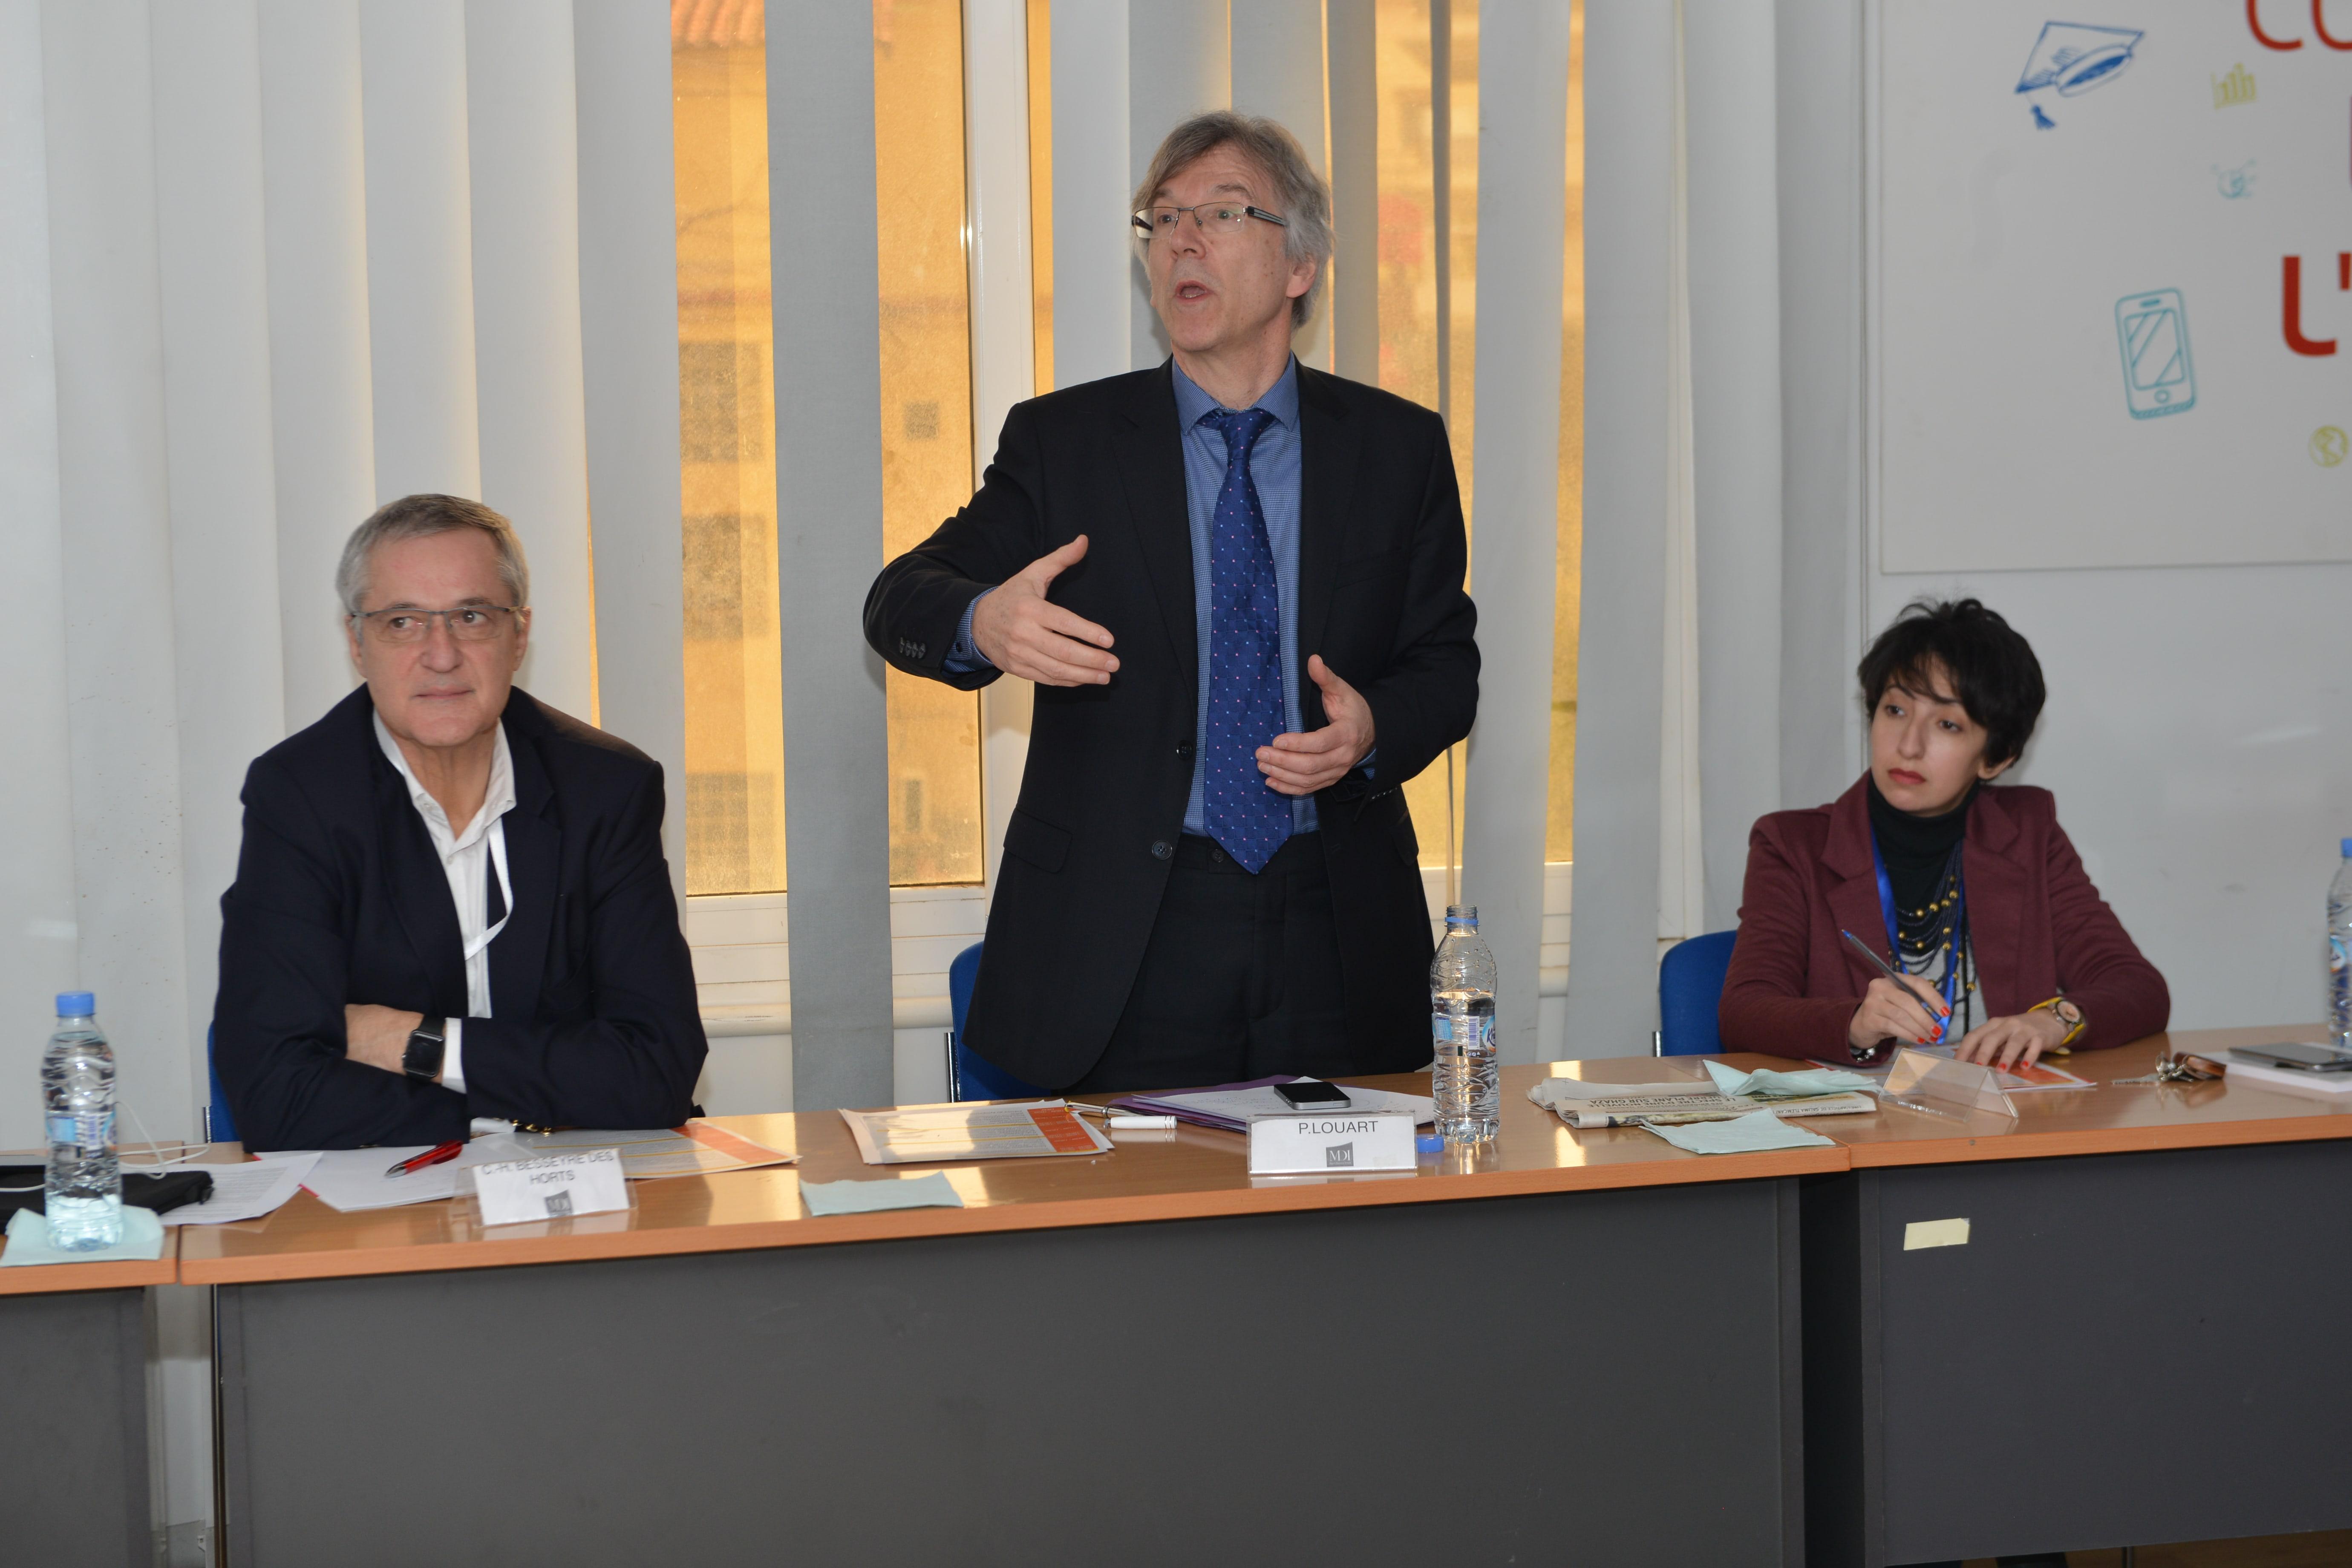 Le 14ème symposium international de MDI